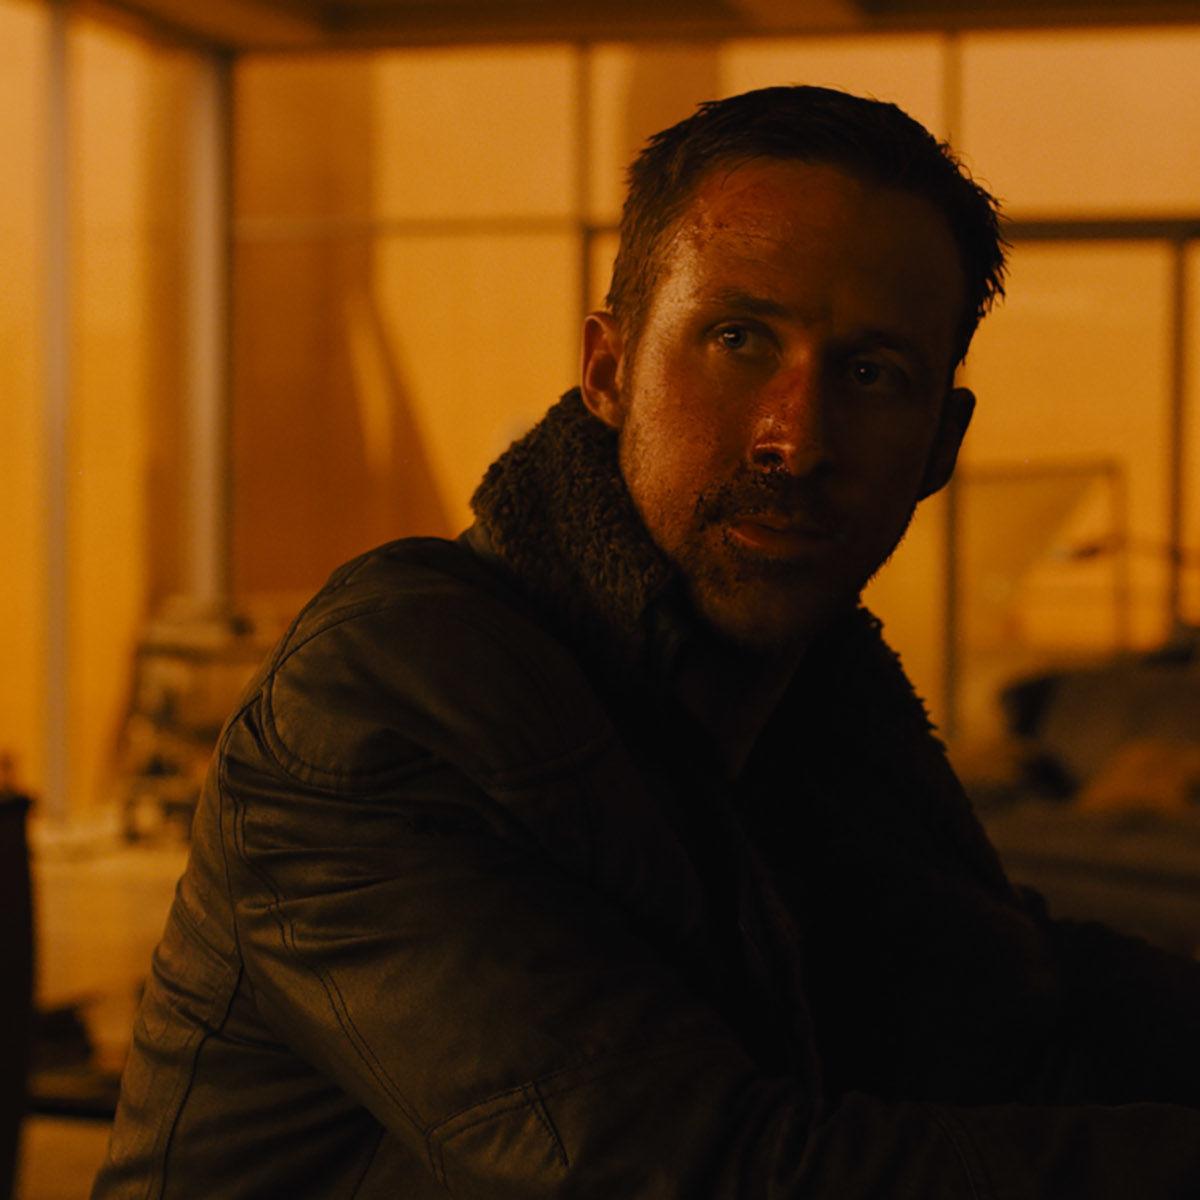 ryan-gosling-blade-runner-2049.jpg